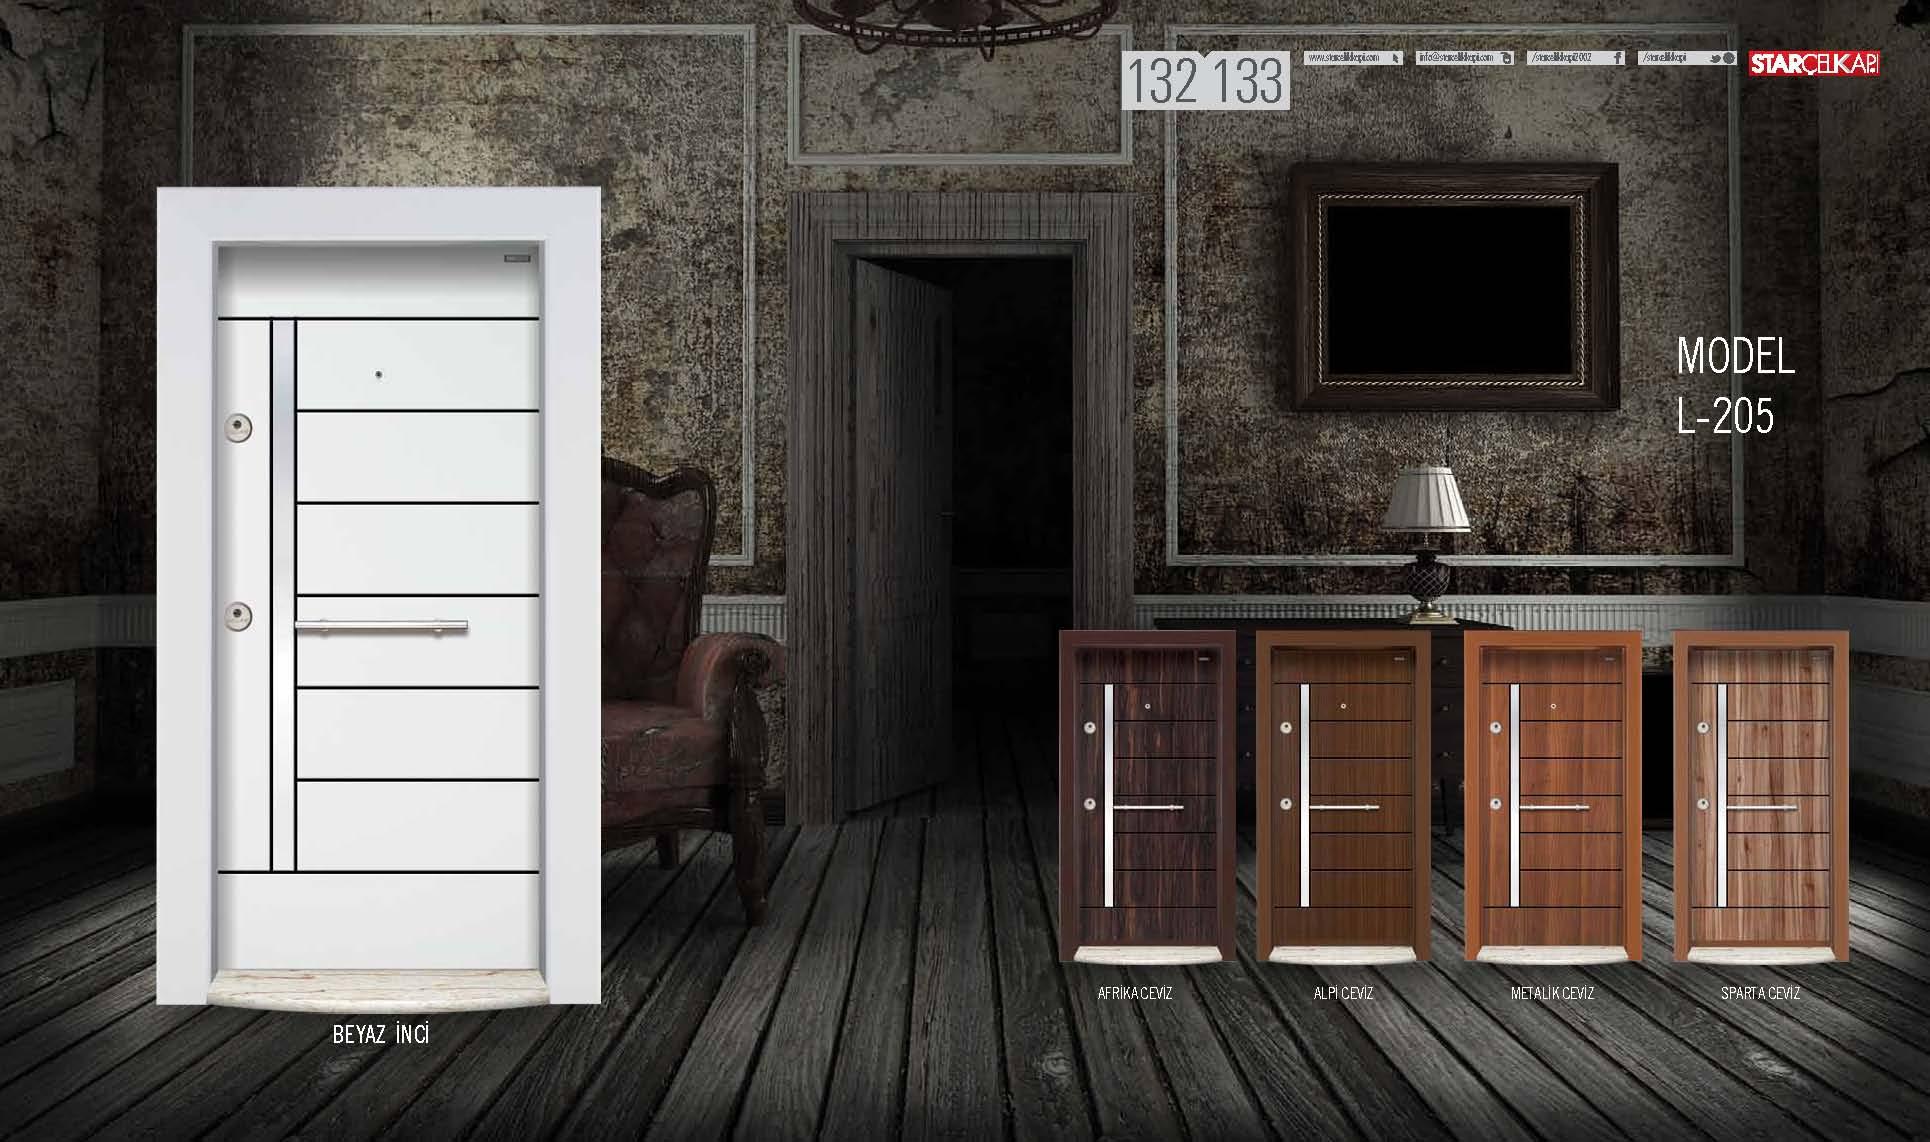 vhodni-vrati-starcelik_page_67